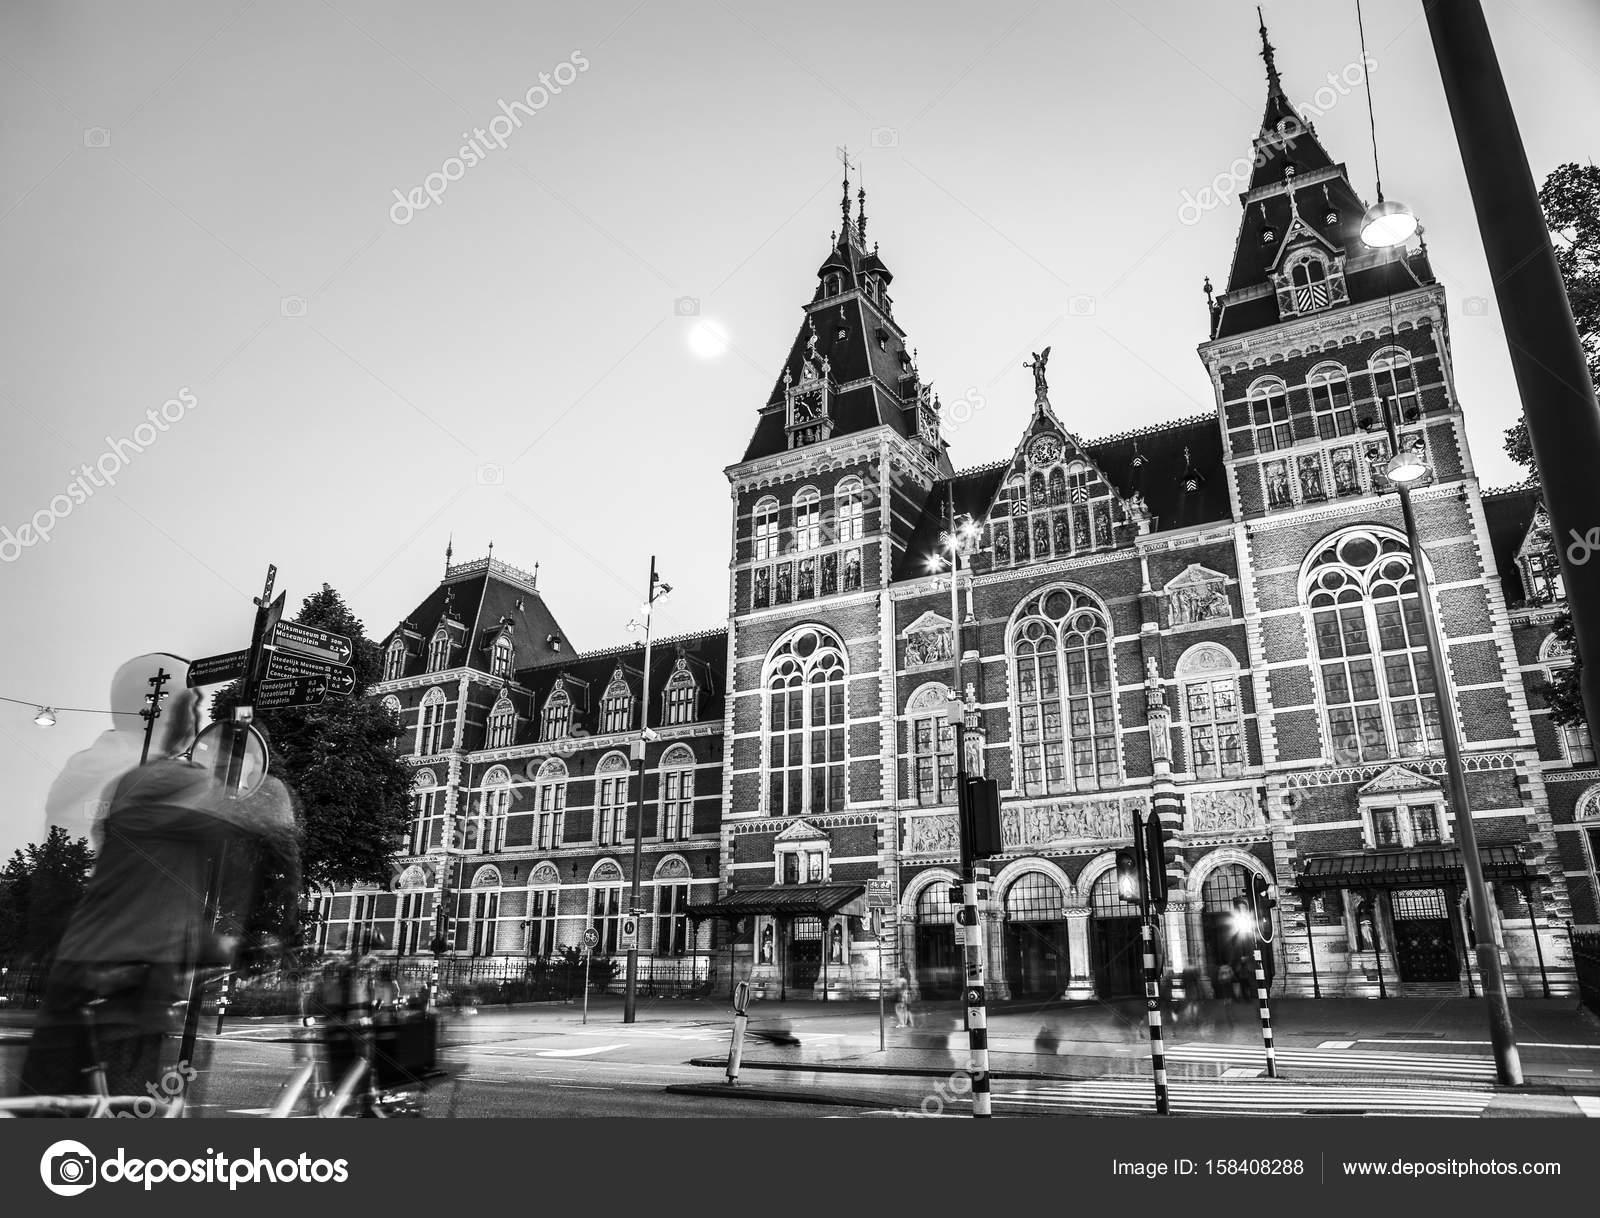 Genoeg Amsterdam naar zomer zwart-wit foto. Beroemde nationale Rijks @VY85